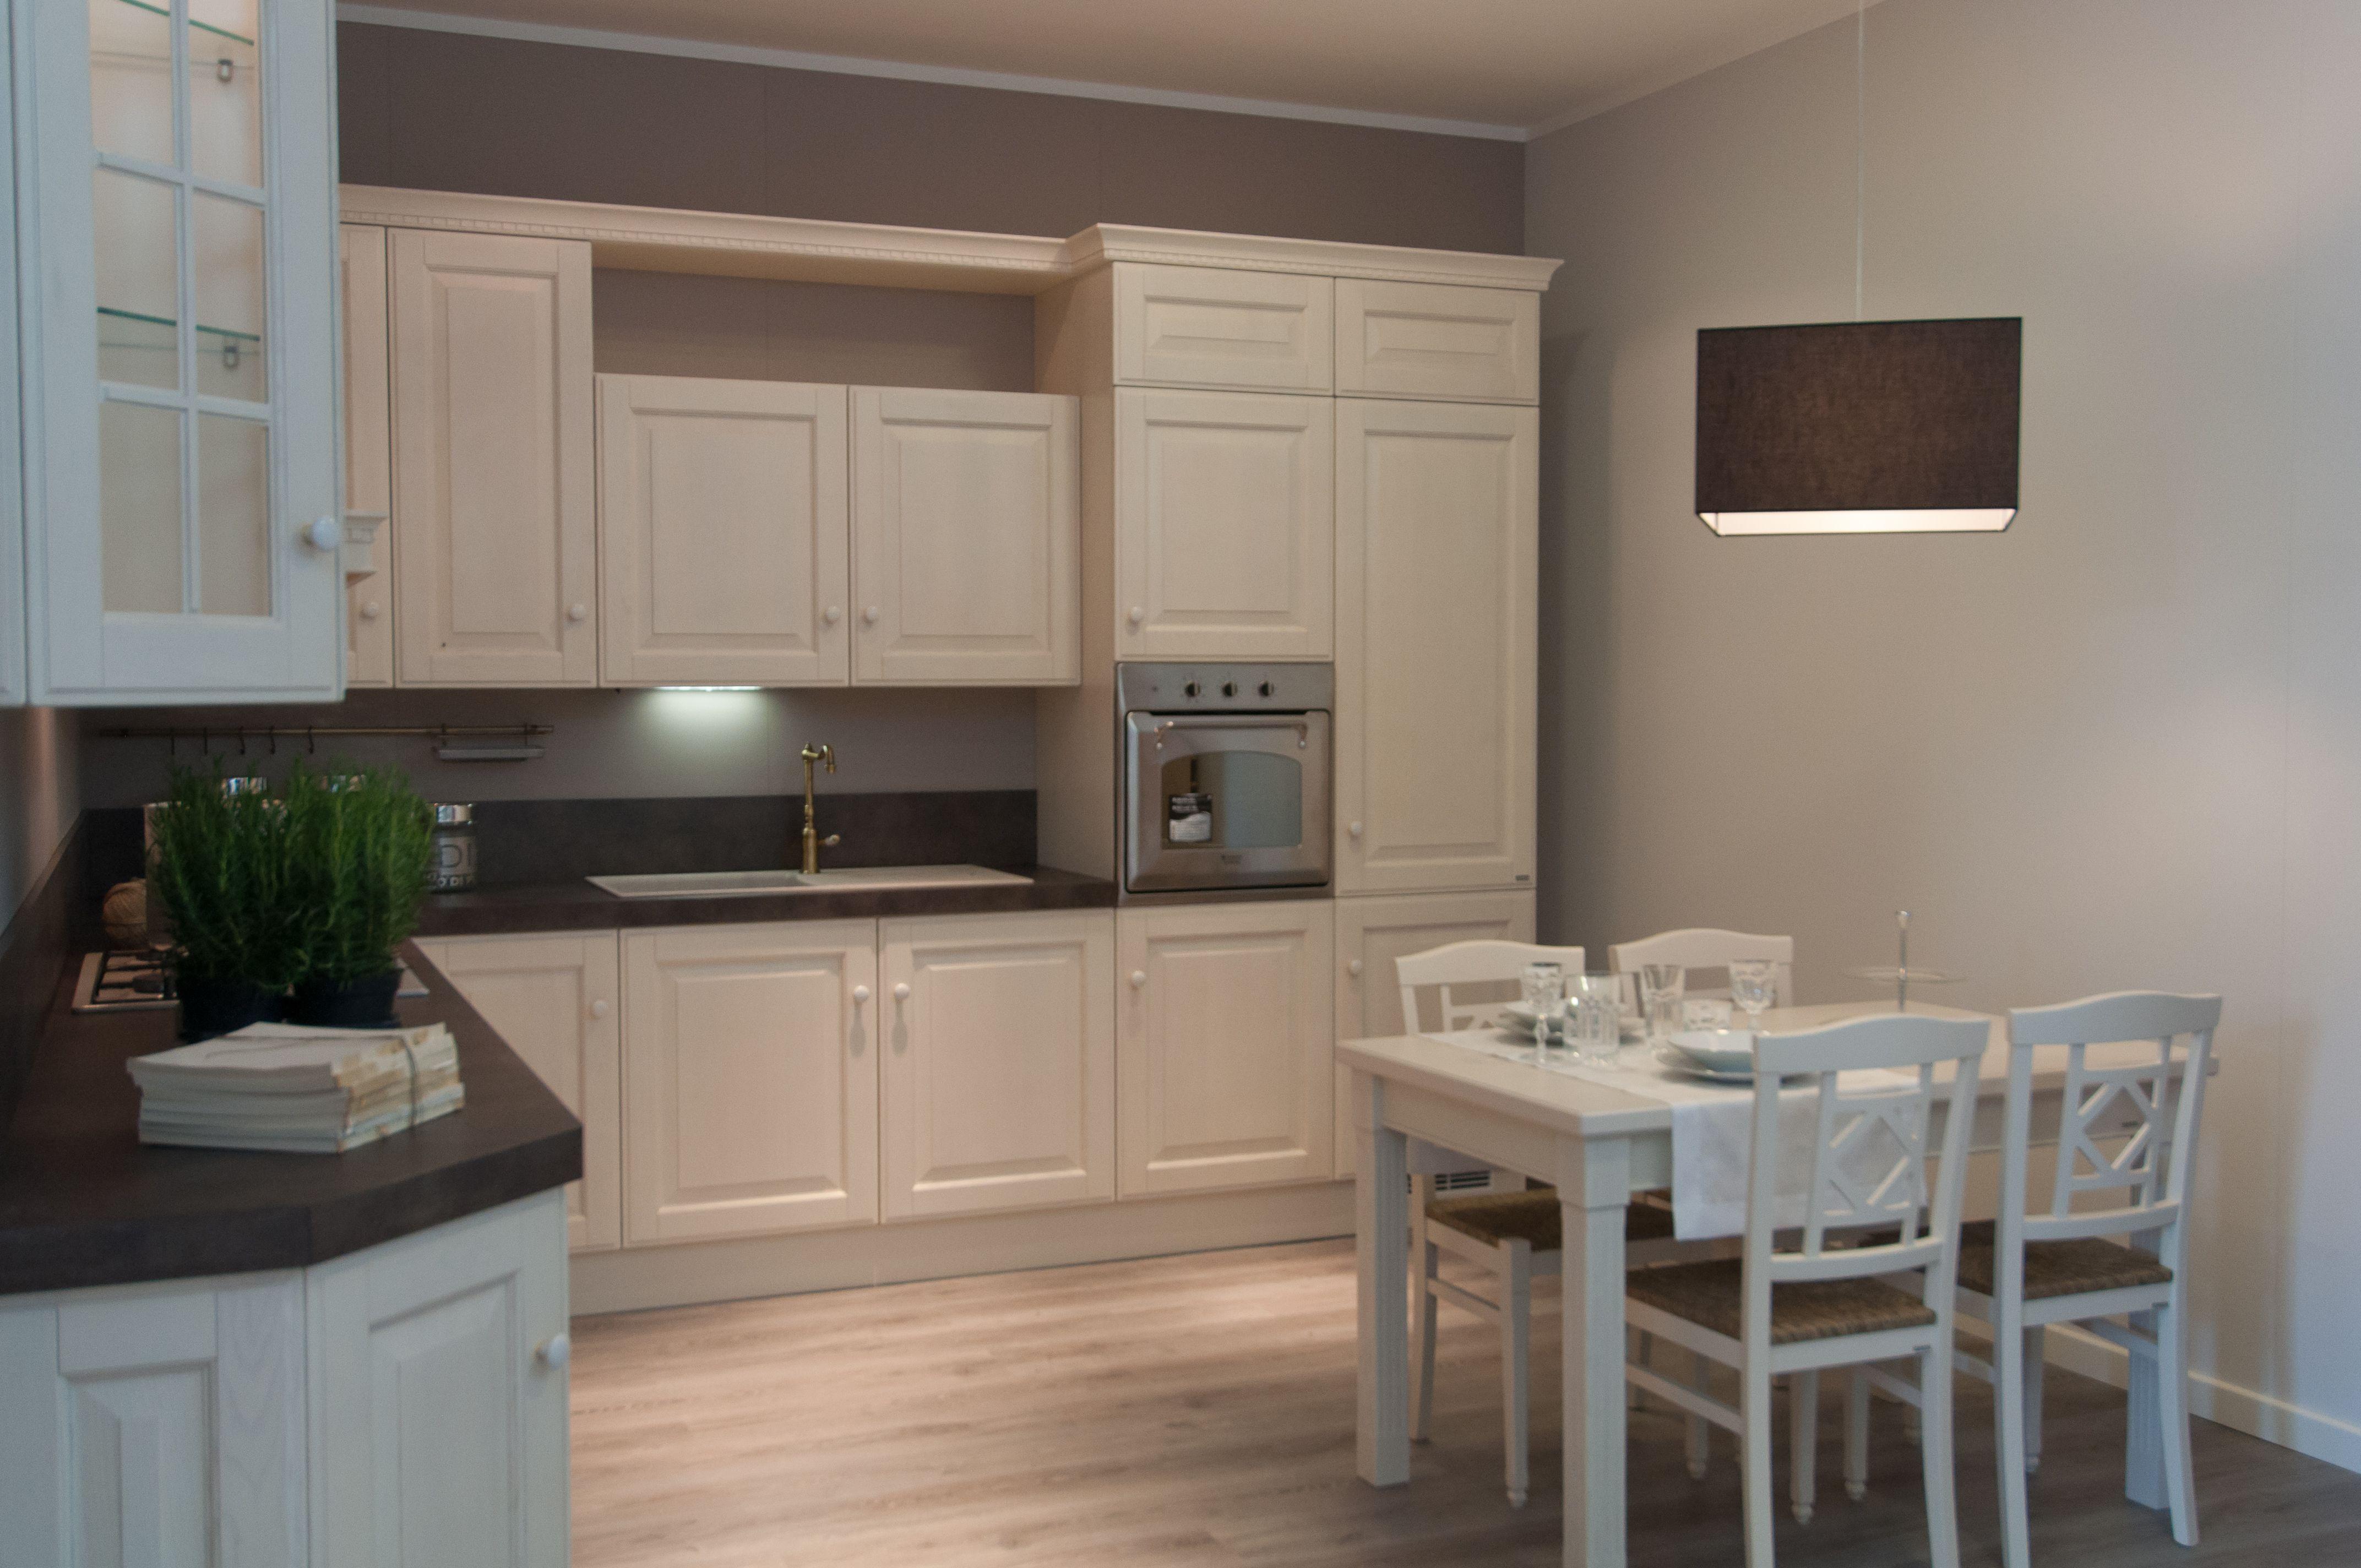 Cucine scavolini composizione ad angolo progetti da provare pinterest store and house - Mondo convenienza perugia cucine ...